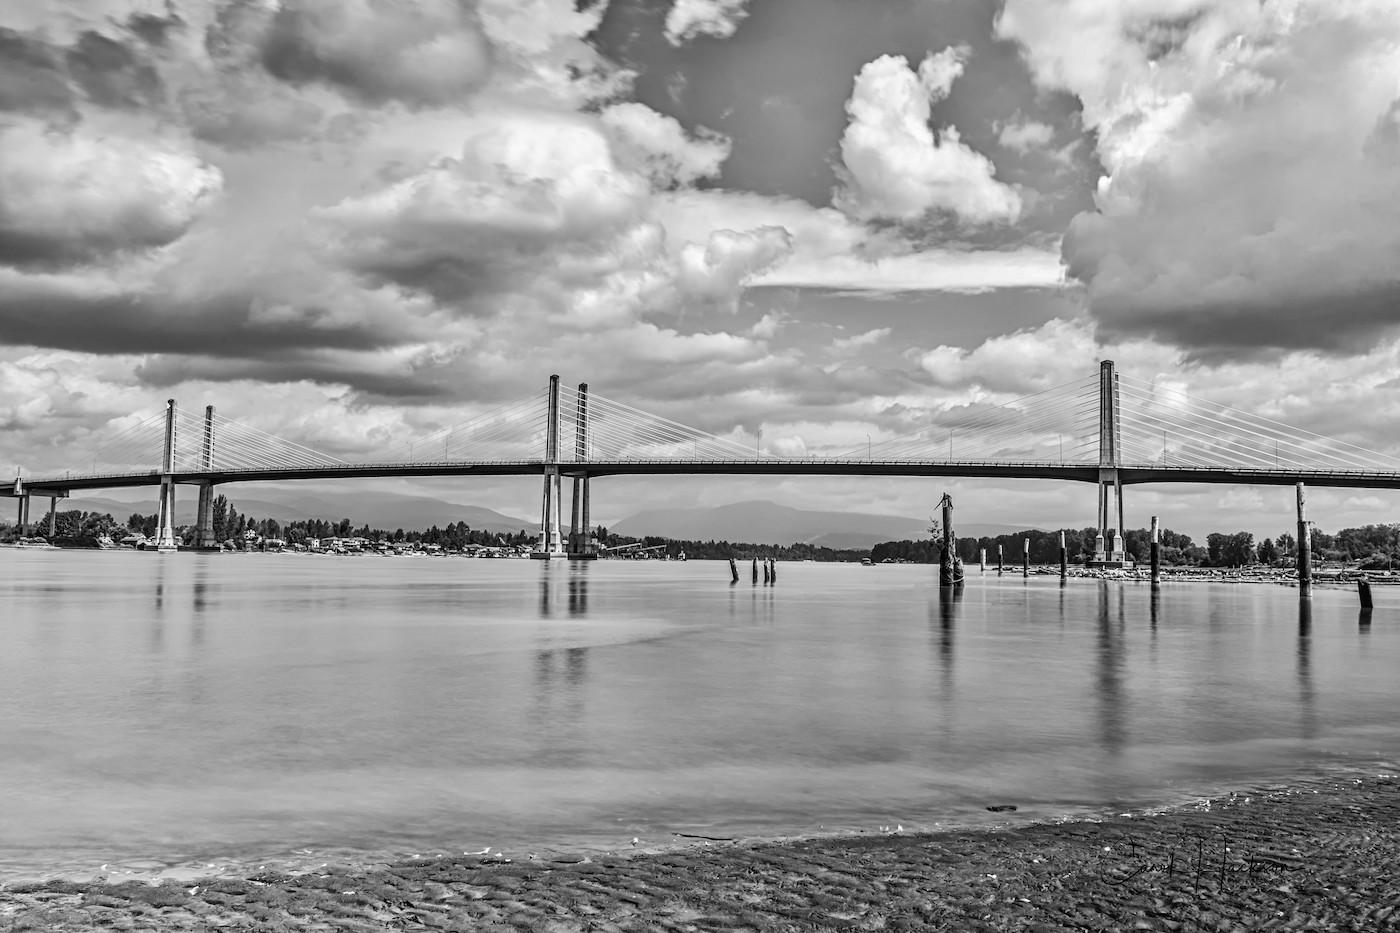 Golden-Ears-Bridge-from-shores-of Barnston-Island-in-Surrey-CJJ